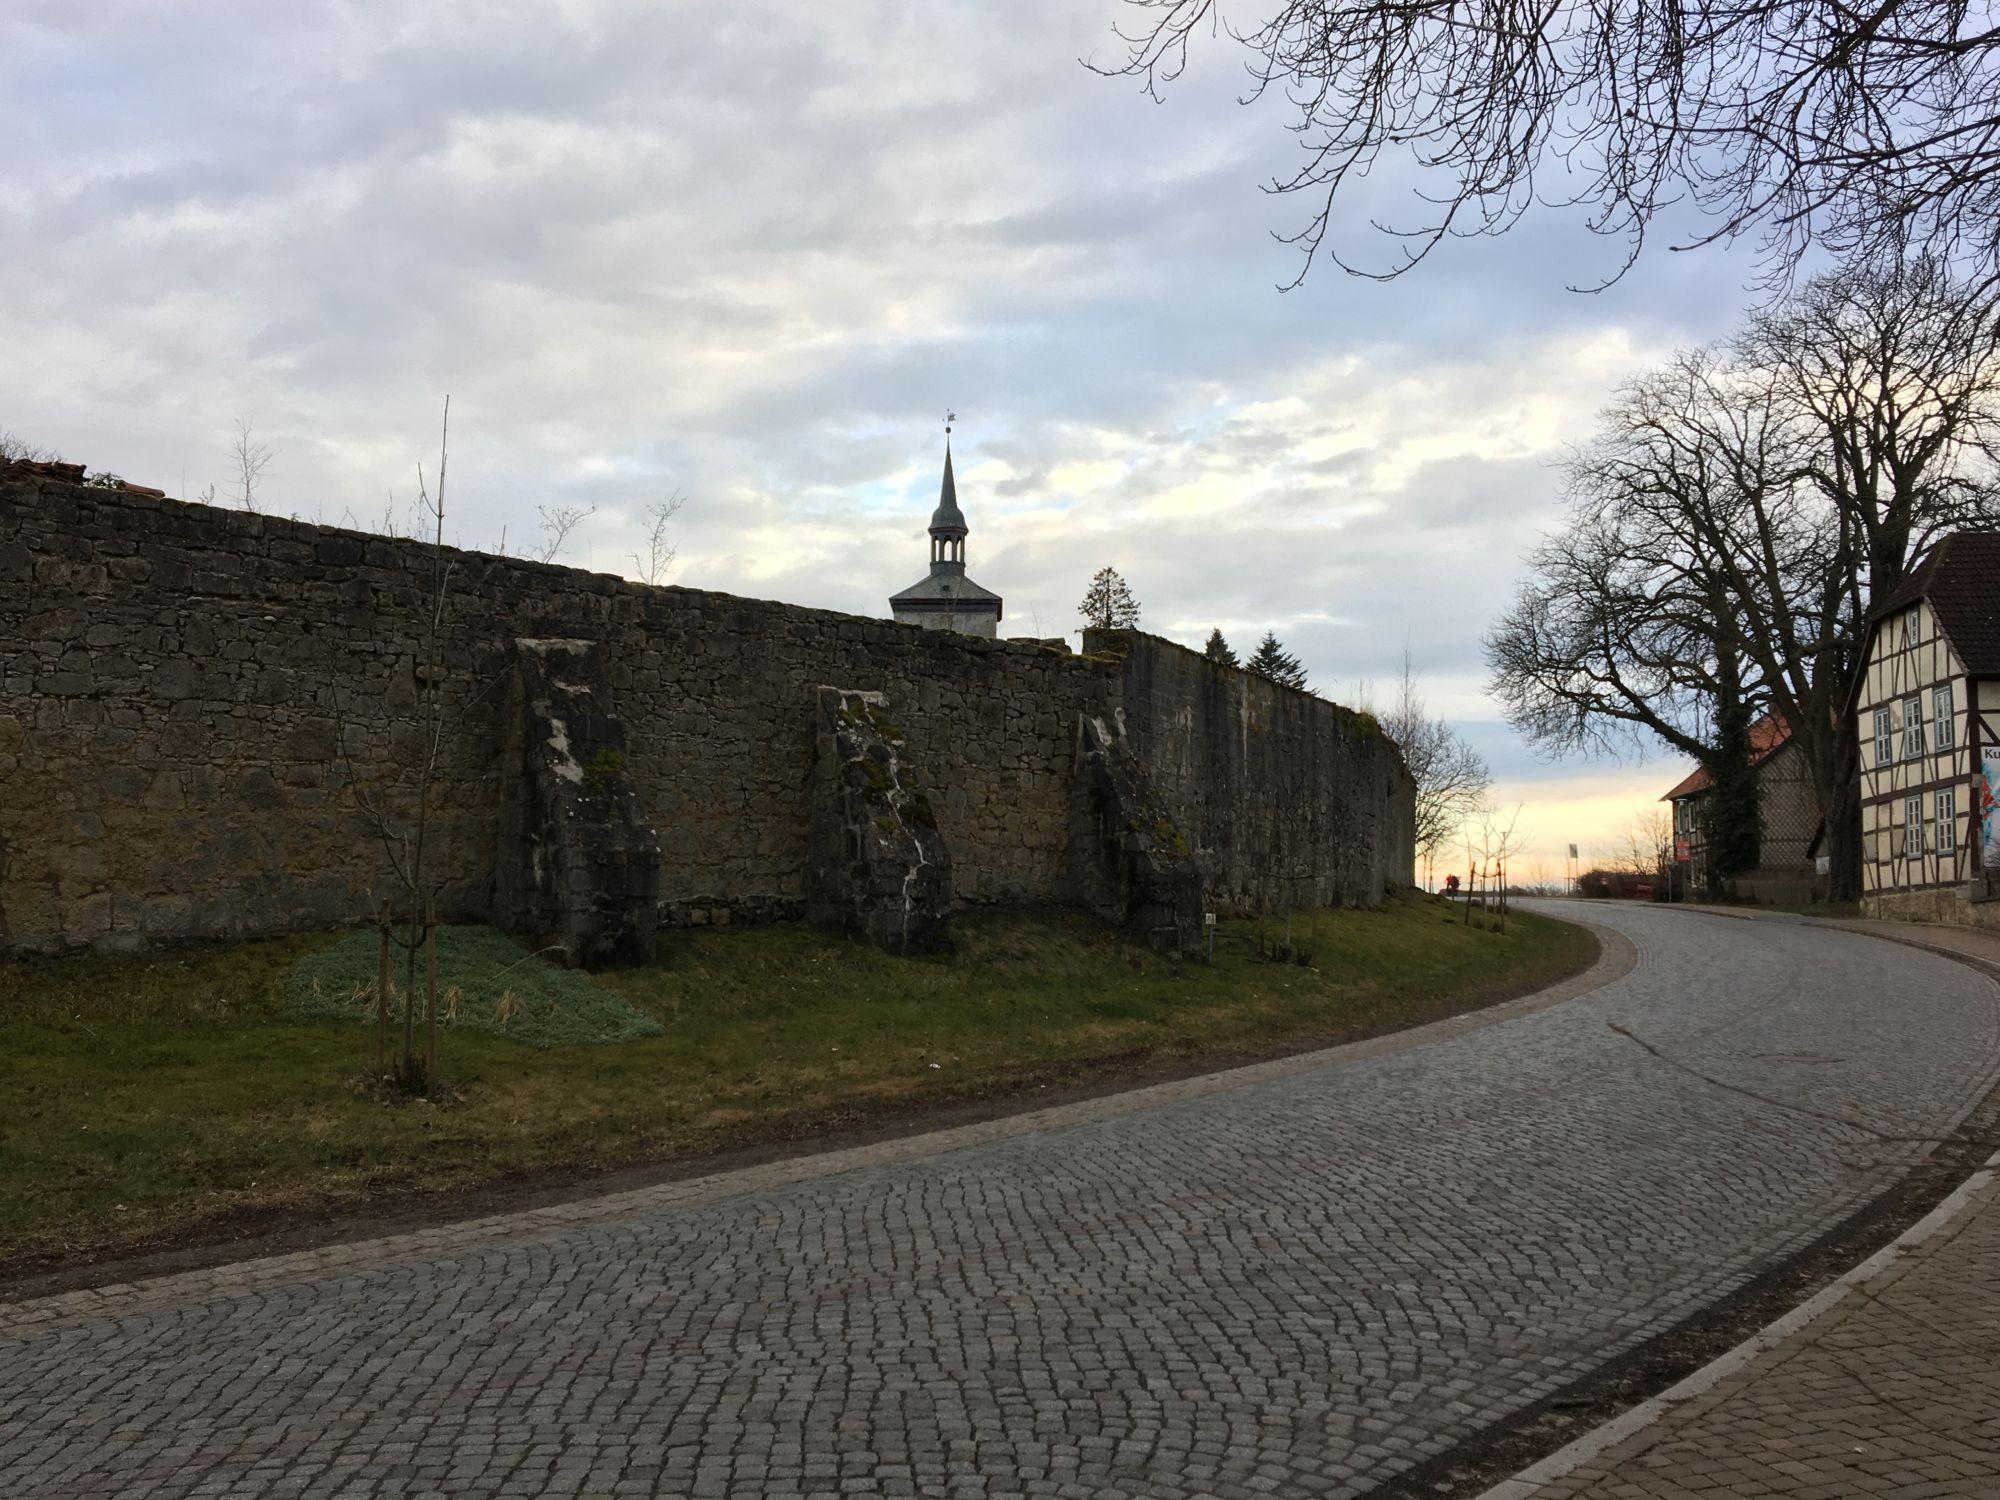 Noerdliches_Harzvorland_Rittergut_Lucklum_Aussen_Mauer_3